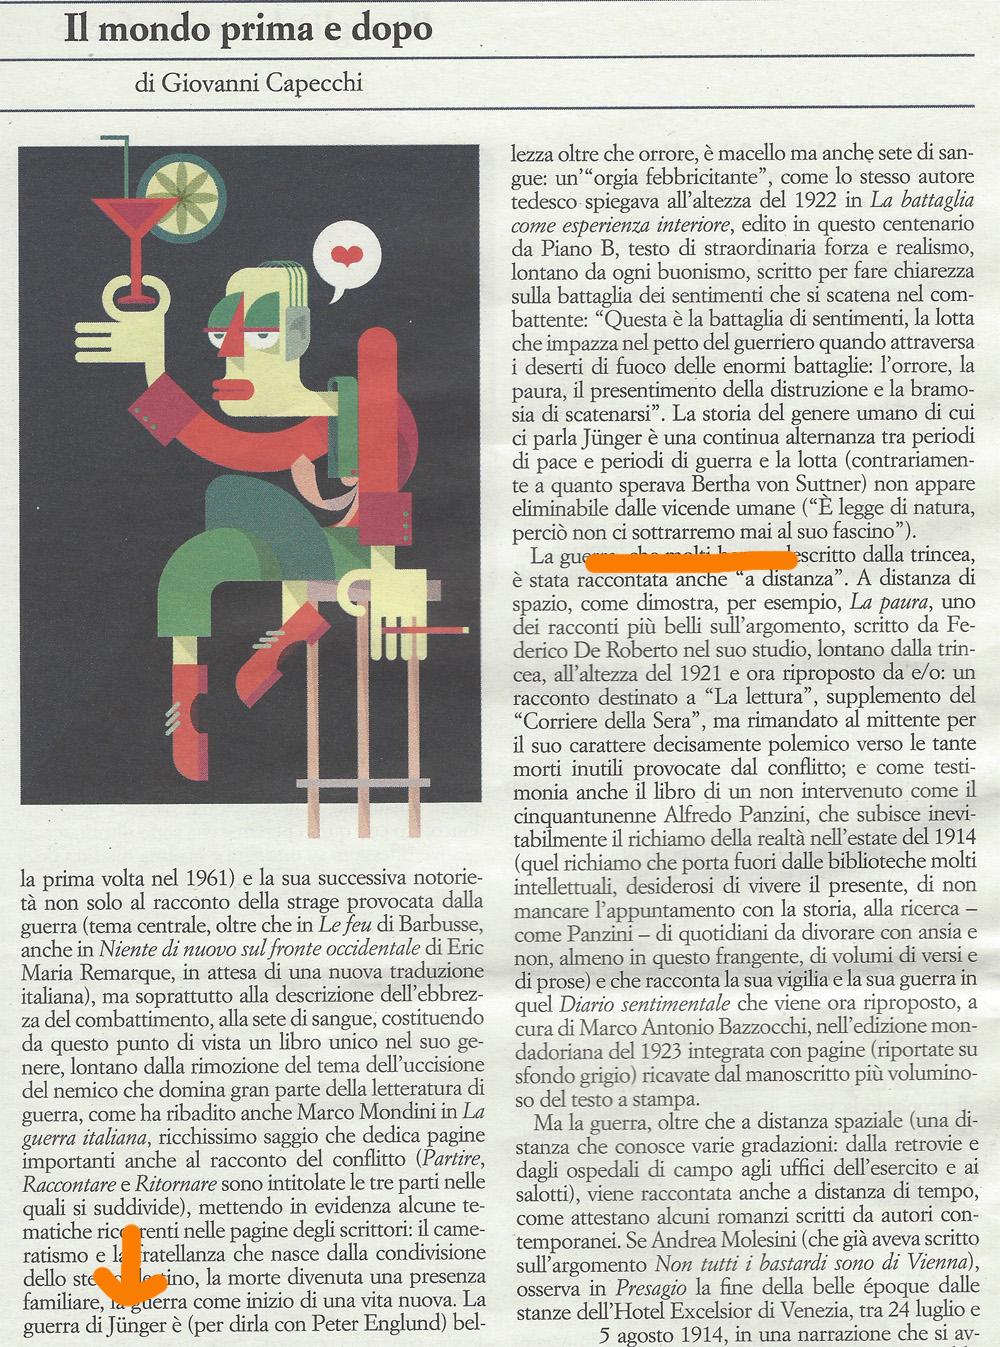 Giovanni Capecchi sull'Indice